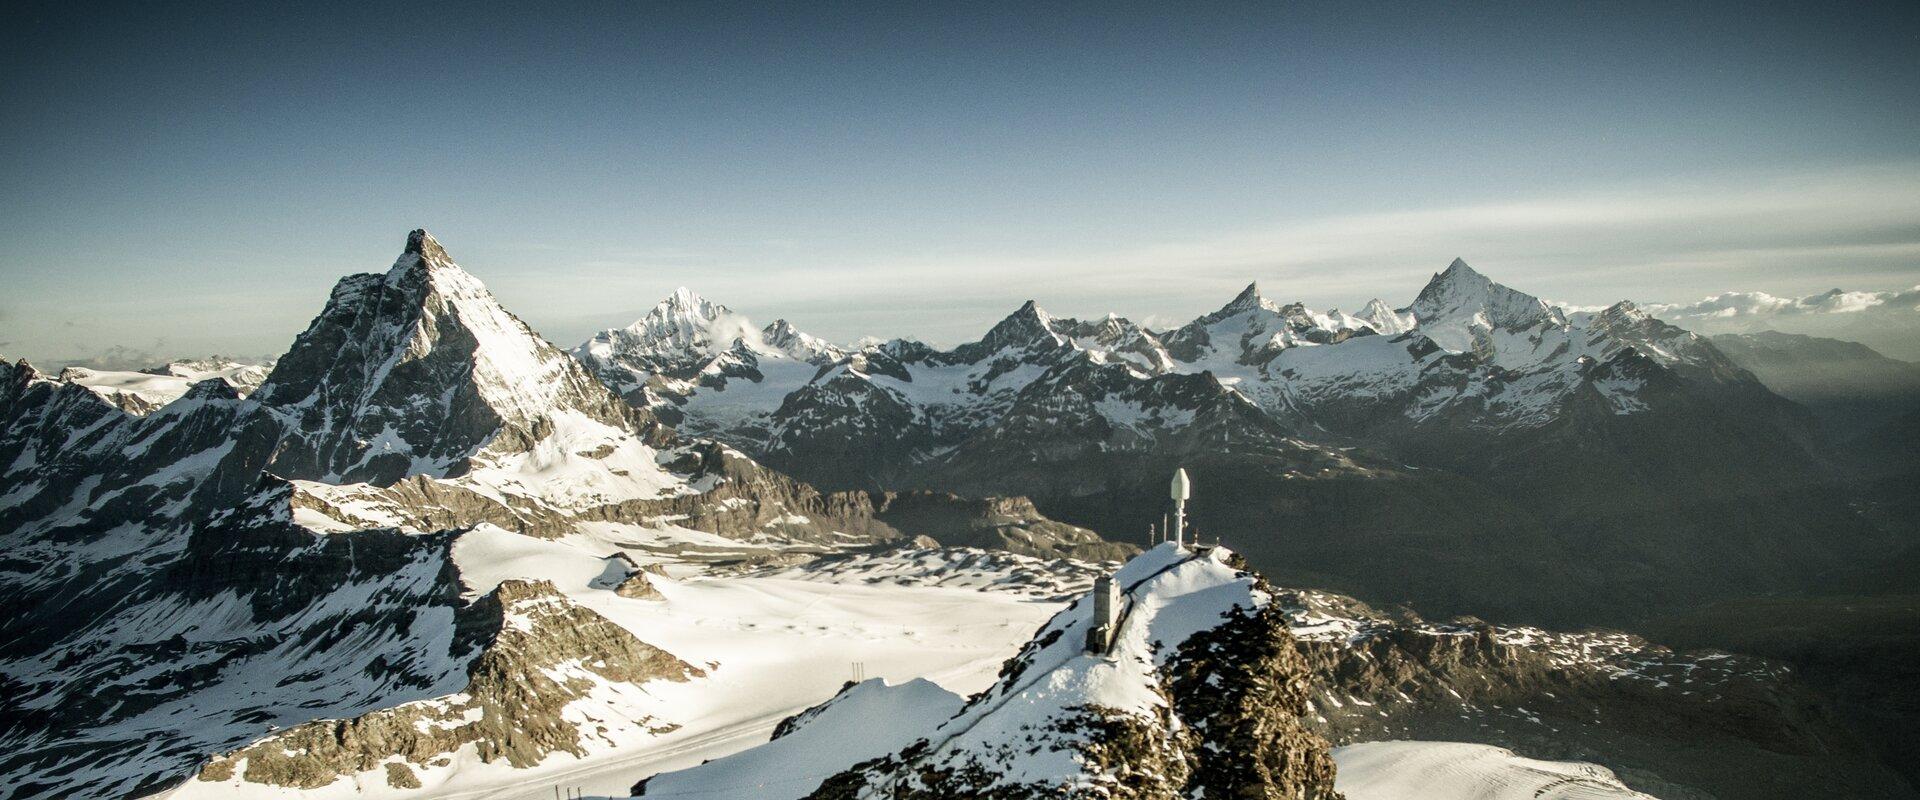 A day in the Matterhorn glacier paradise | Zermatt Bergbahnen